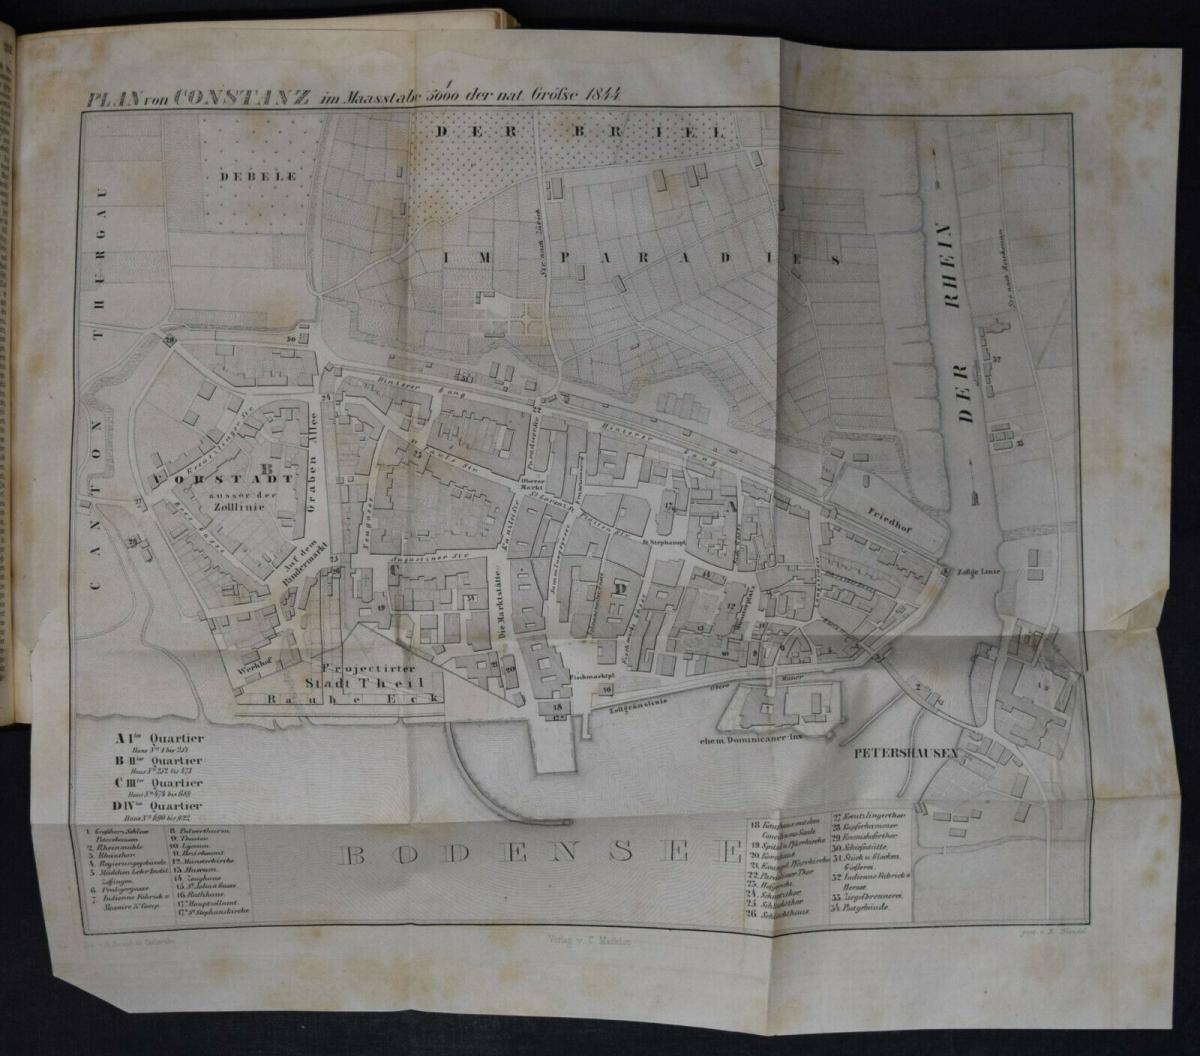 UNIVERSAL-LEXIKON VOM GROSSHERZOGTHUM BADEN - 1844 - HUHN - TRACHTEN - BADENIA 7